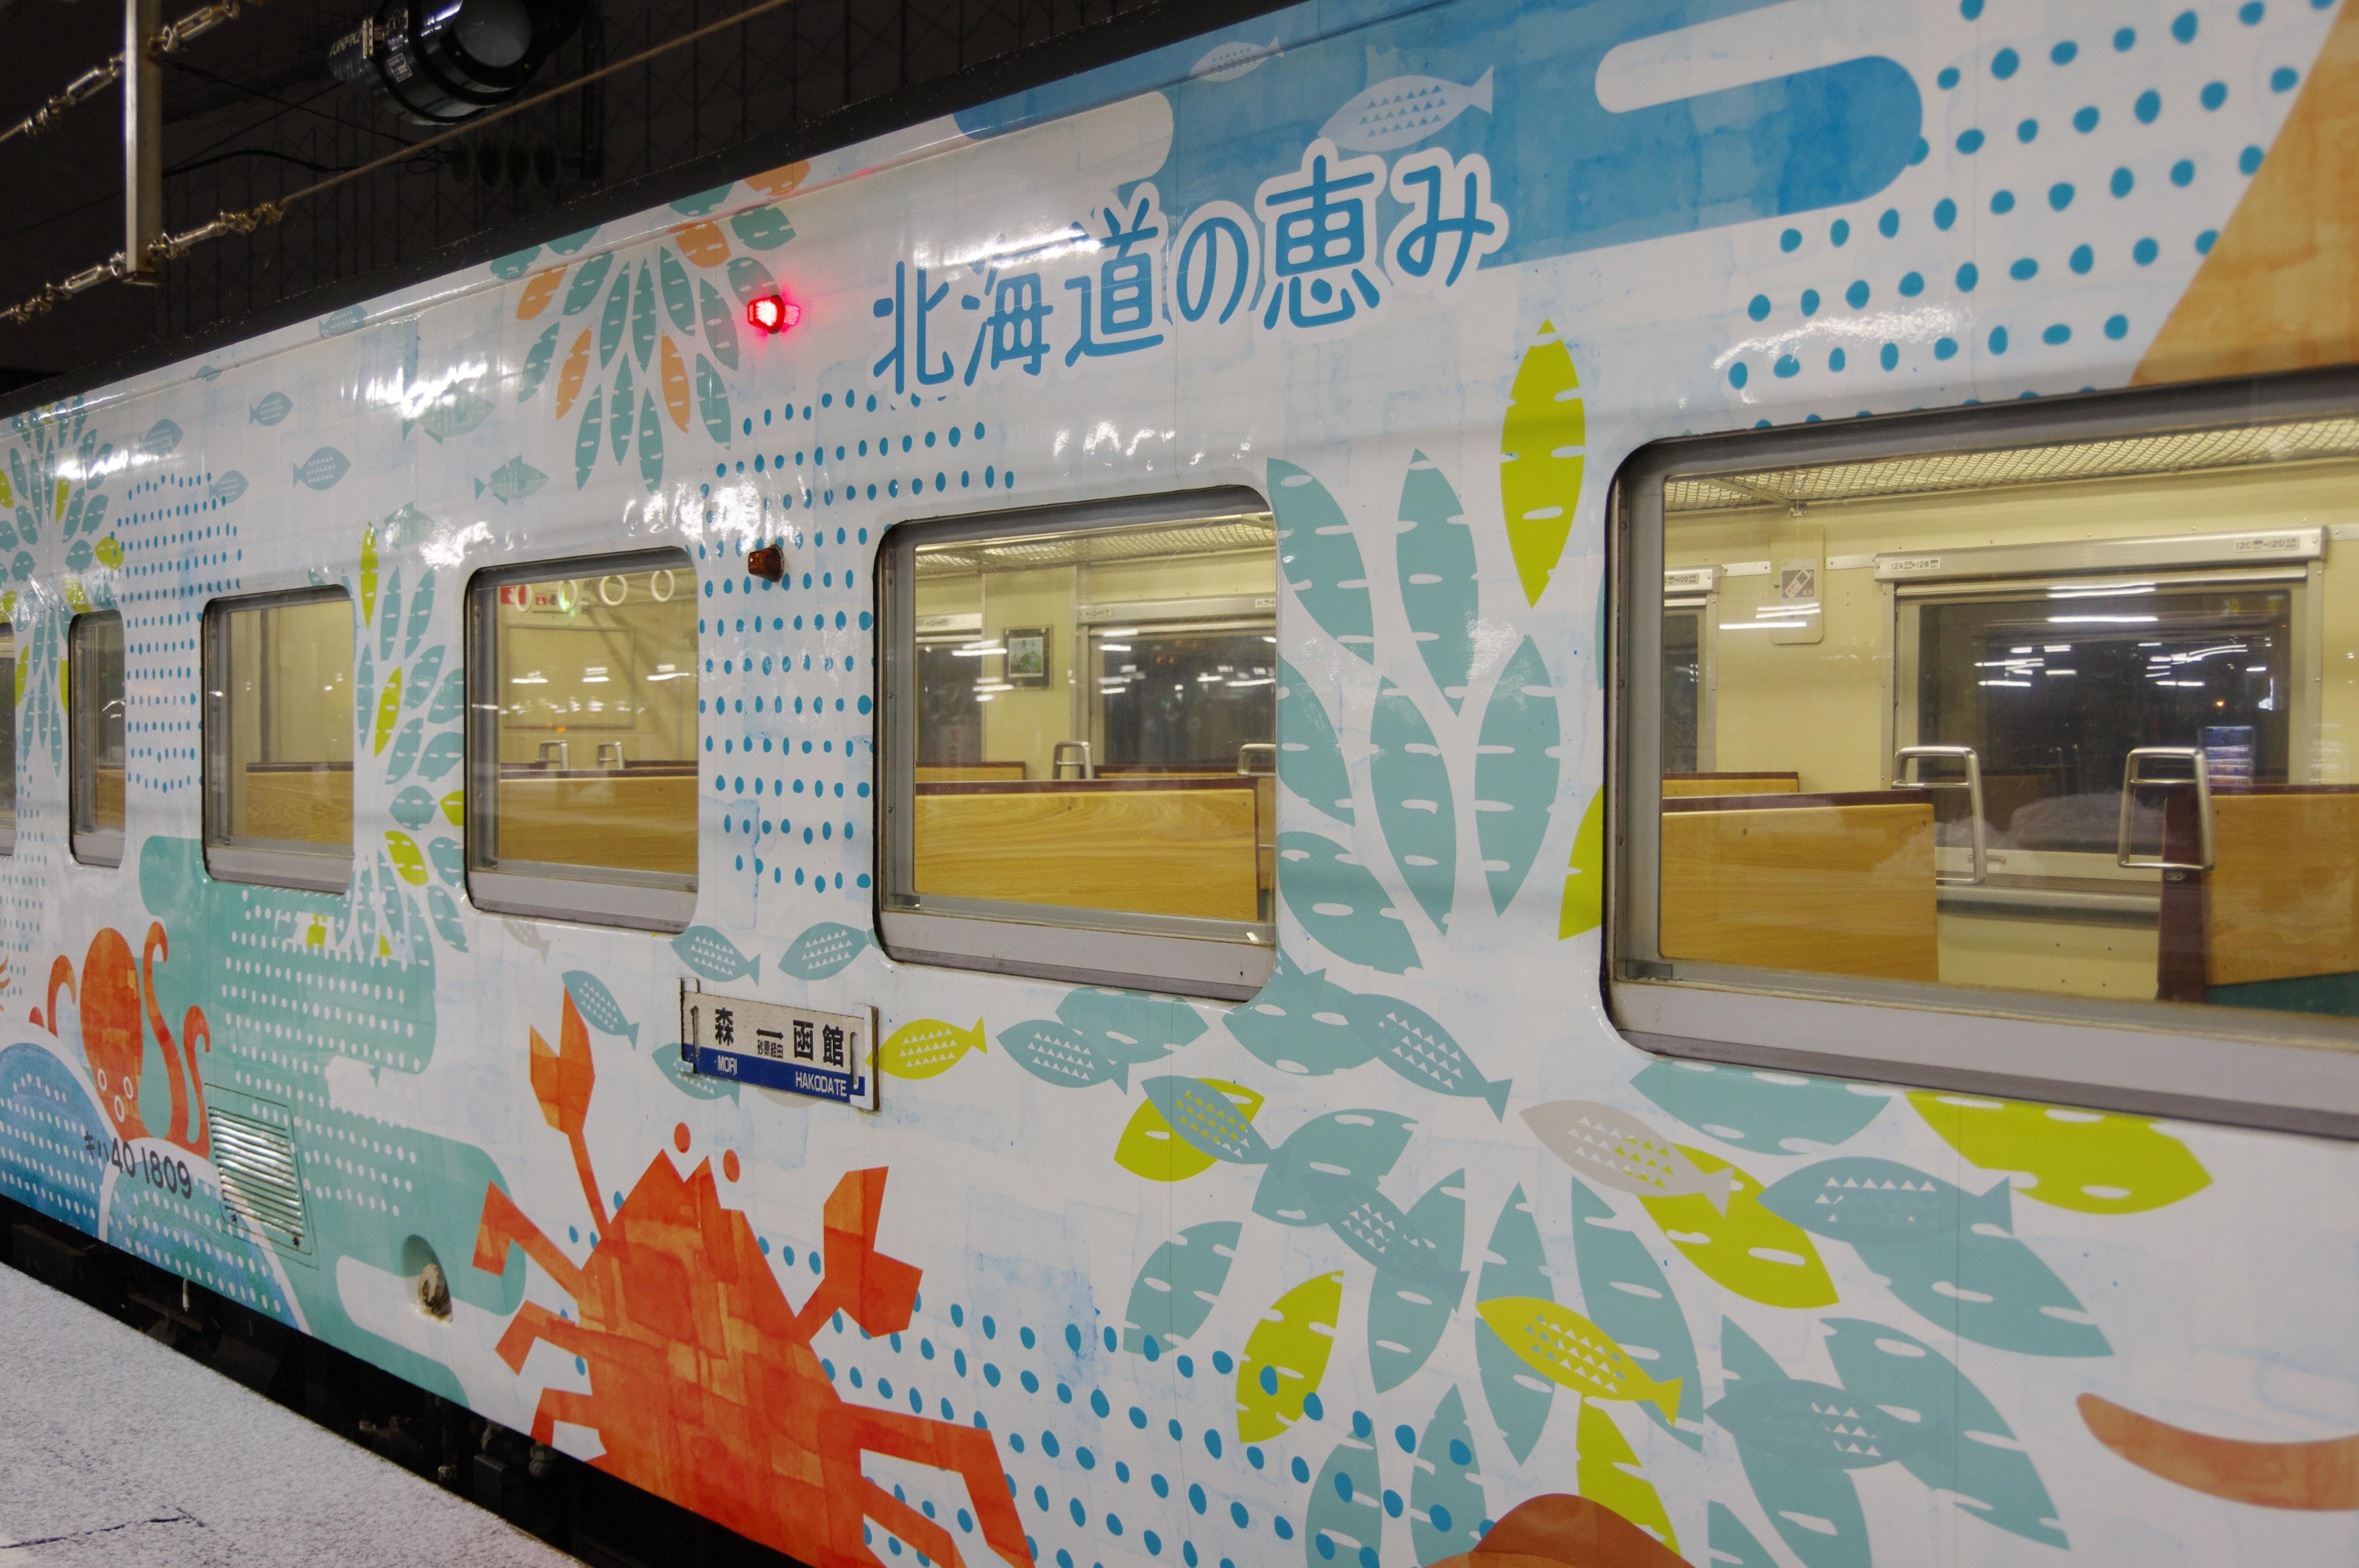 キハ40 海の恵み号 サイド 5887D 函館駅_190120.jpg